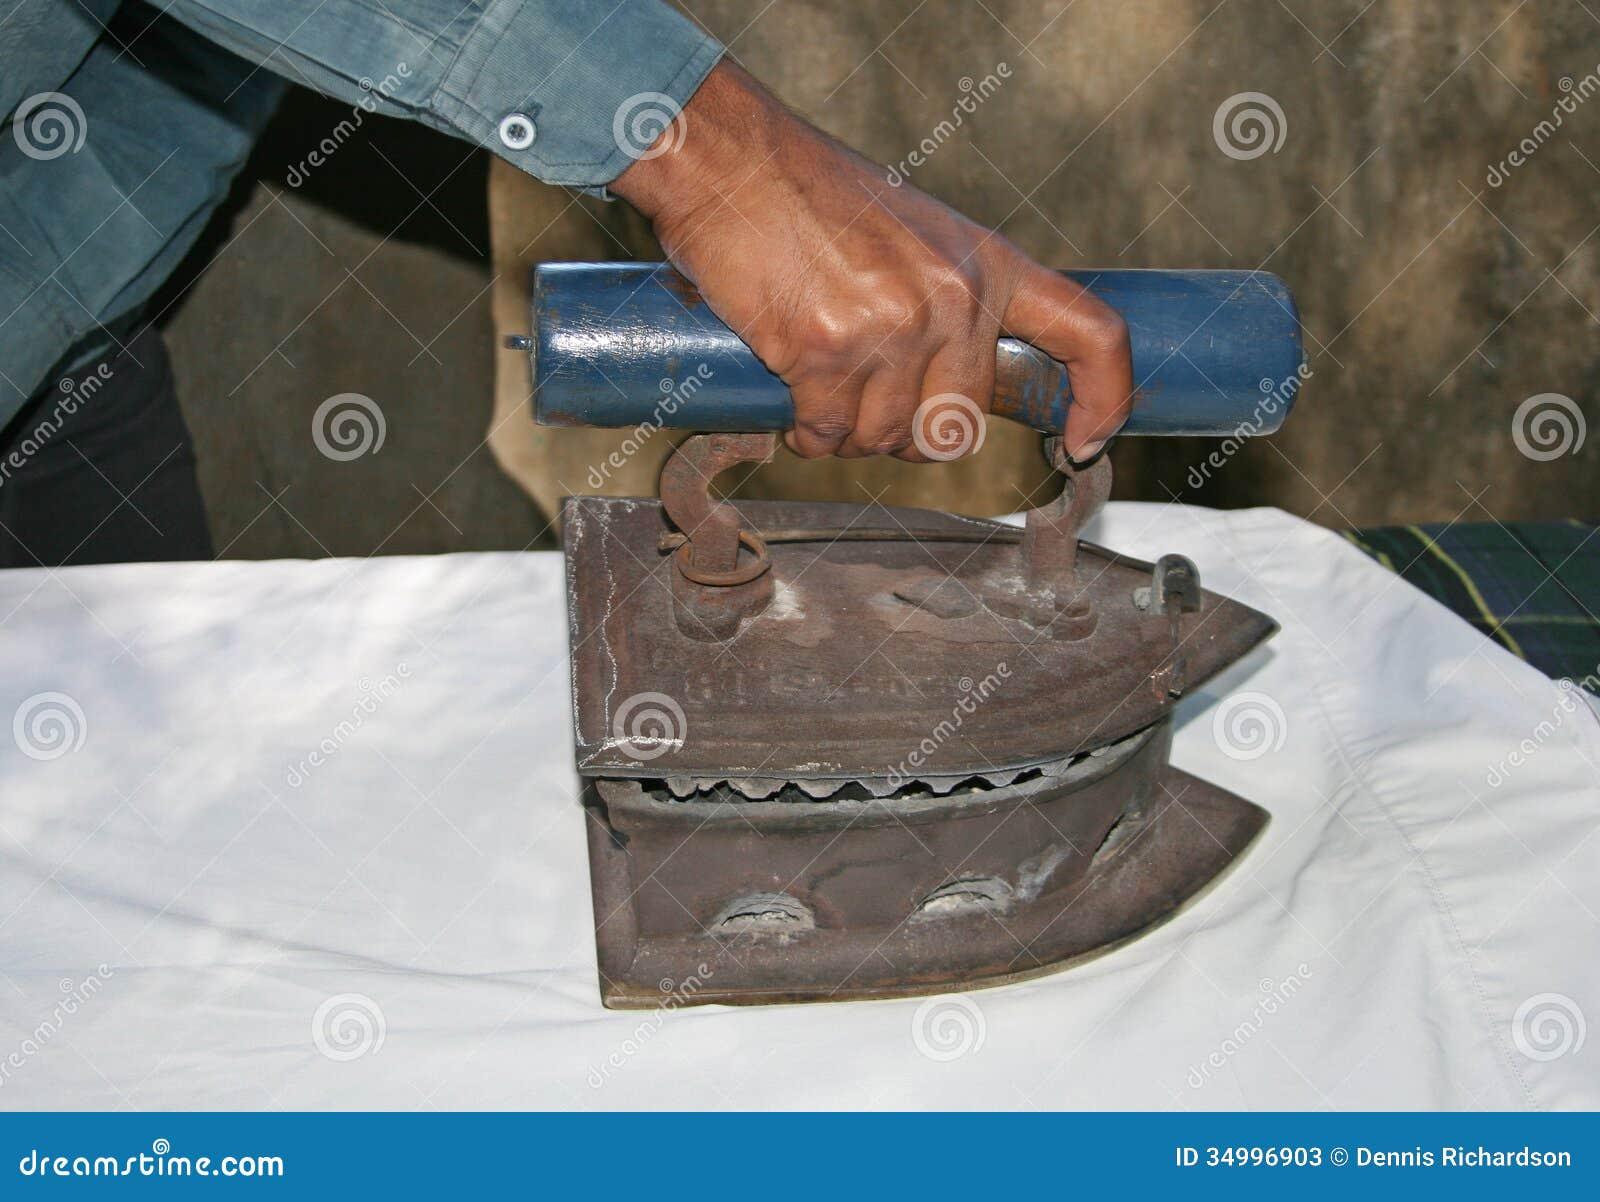 Charcoal iron stock image. Image of washing